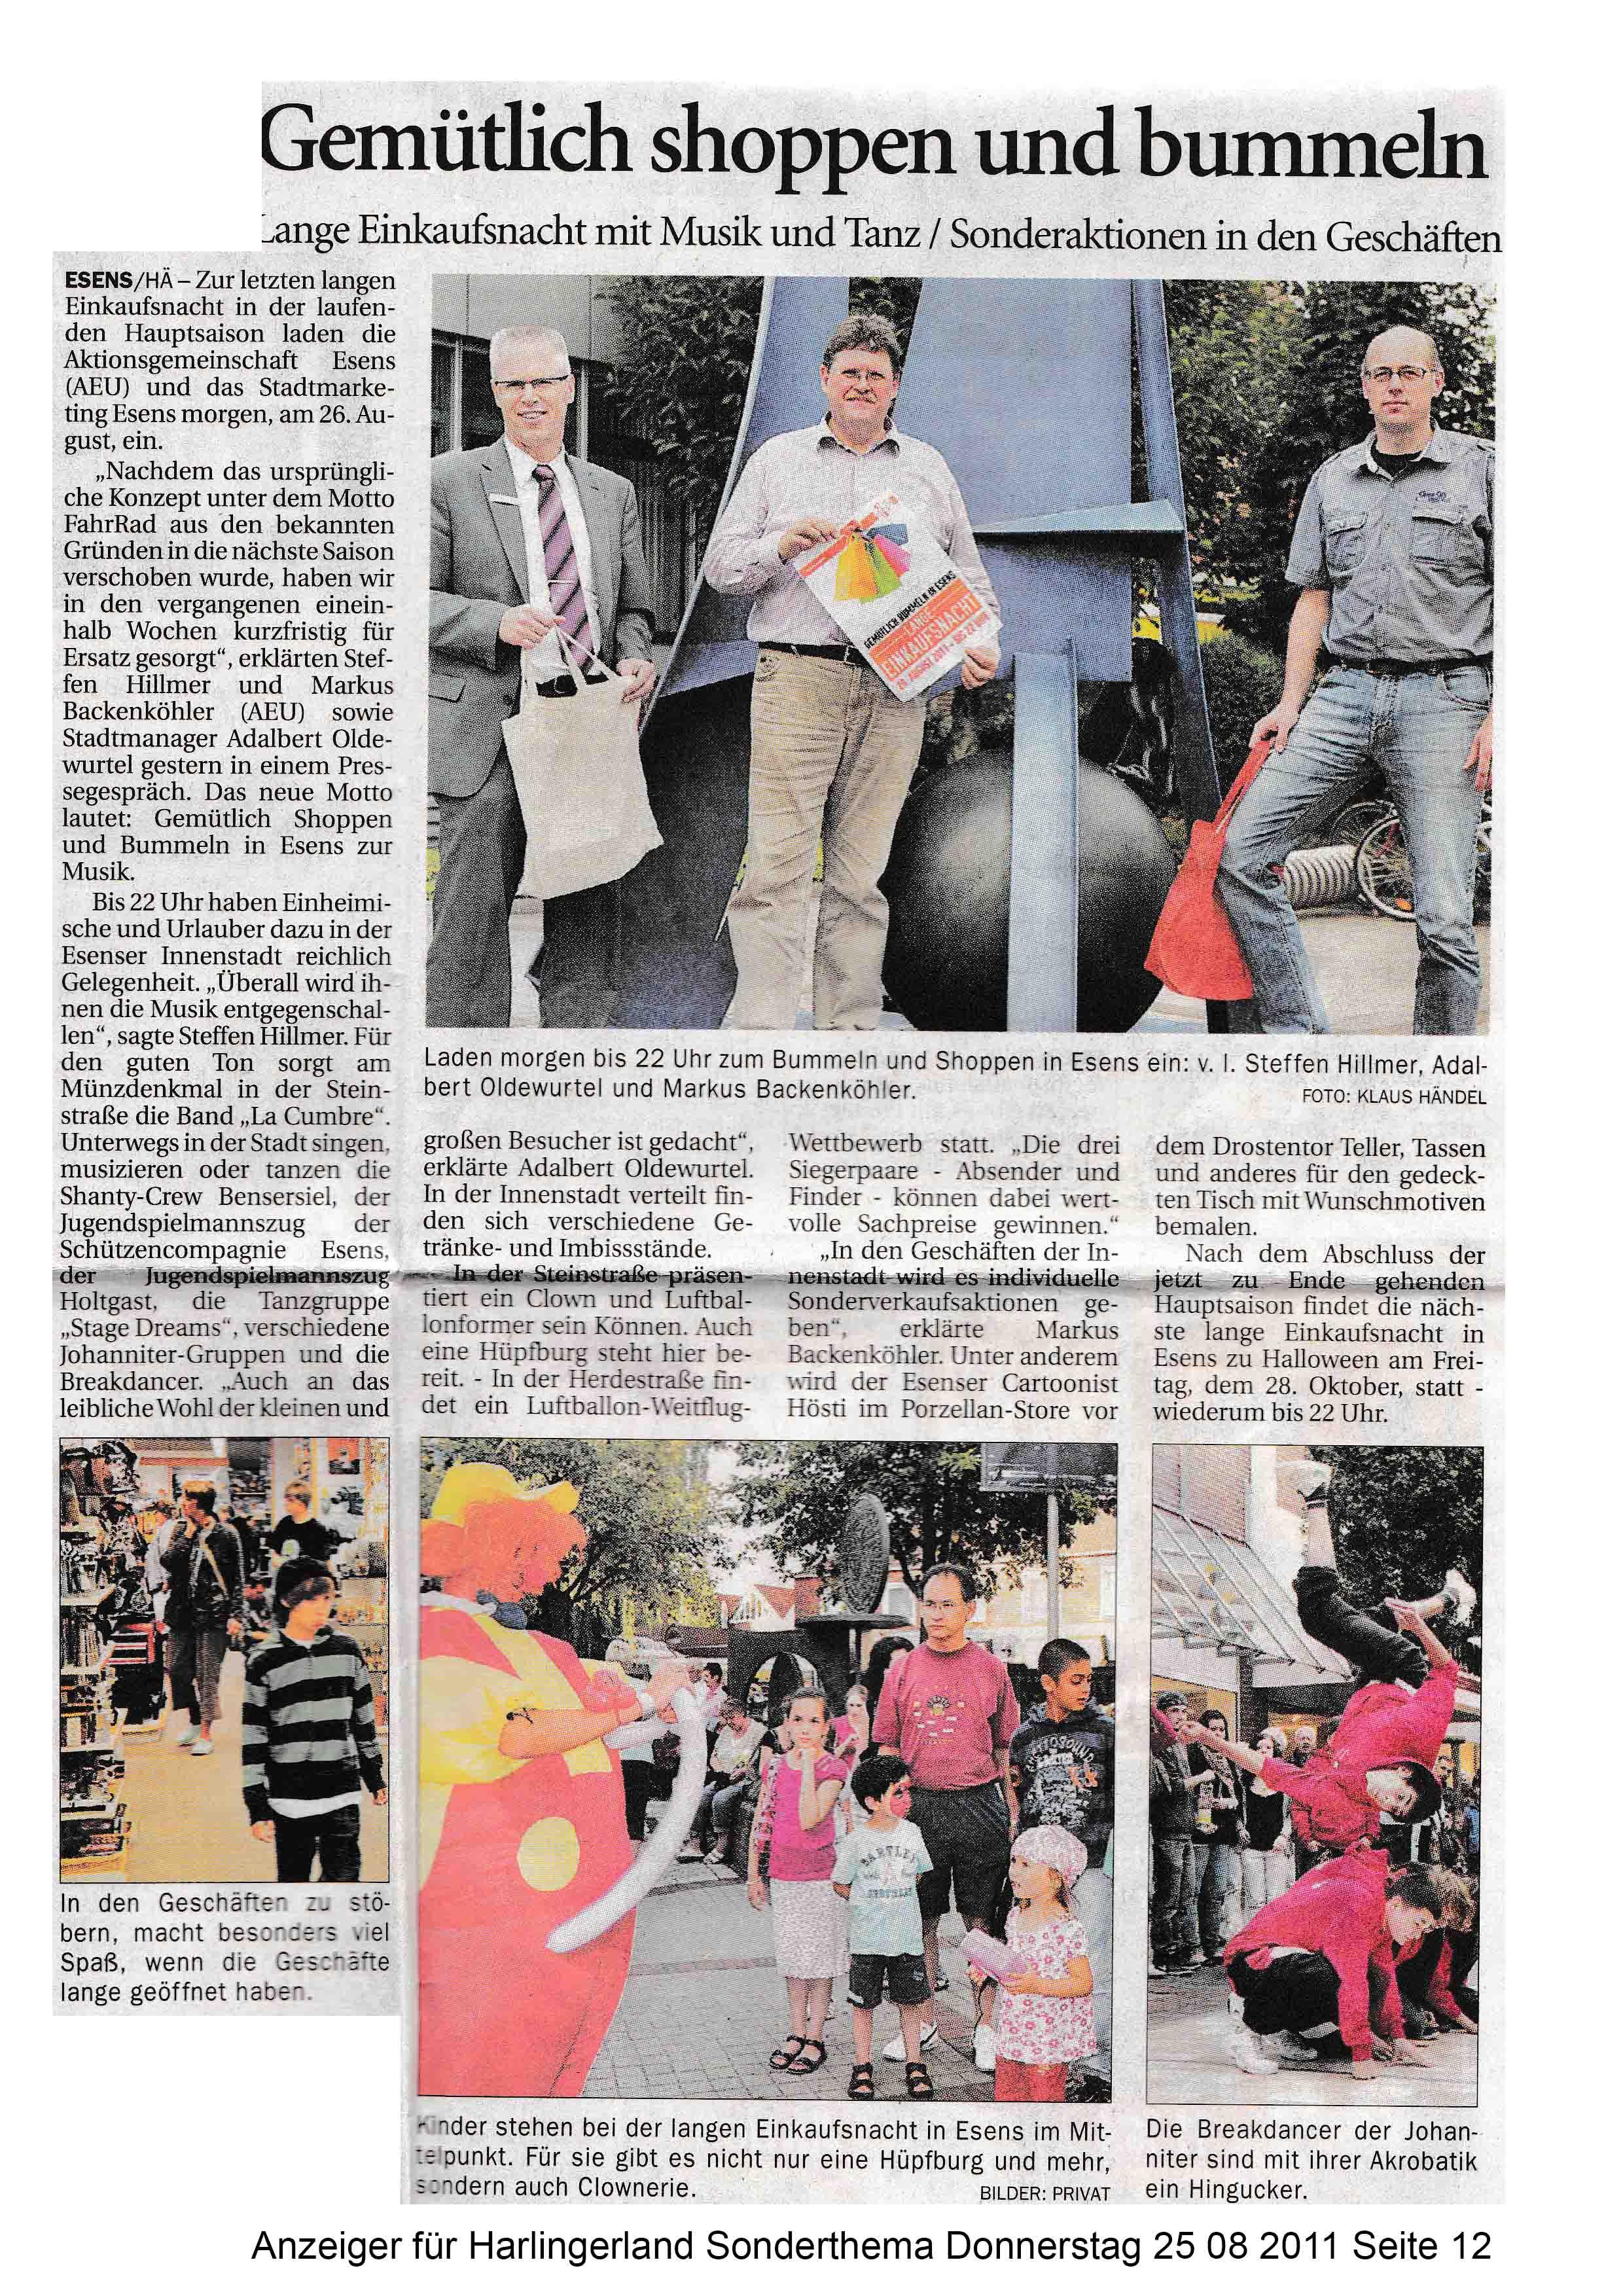 Anzeiger für Harlingerland Sonderthema Donnerstag 25 08 2011 Seite 12